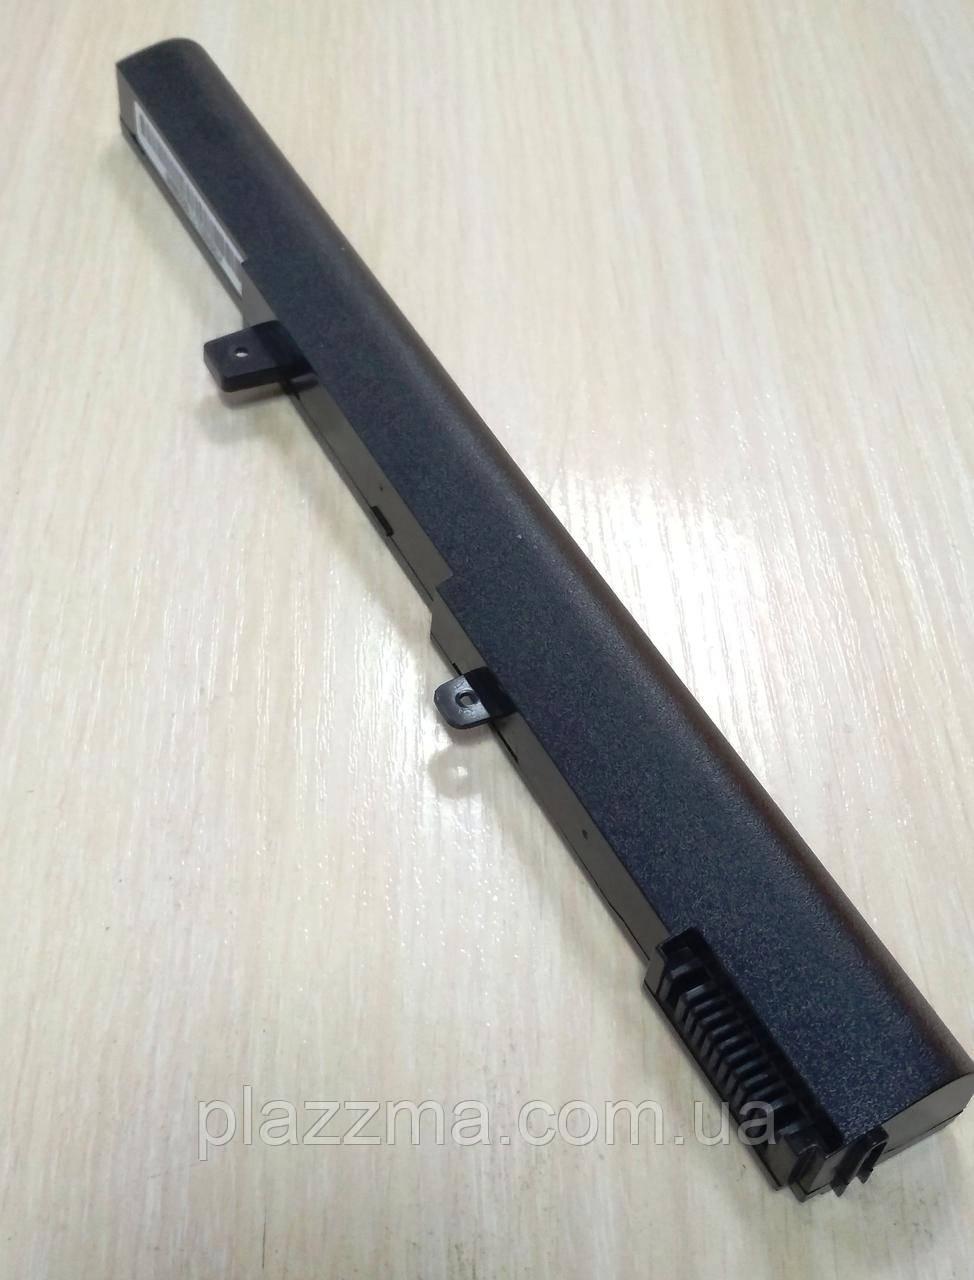 Батарея для ноутбука P/N OB110-0250100, A41N1308